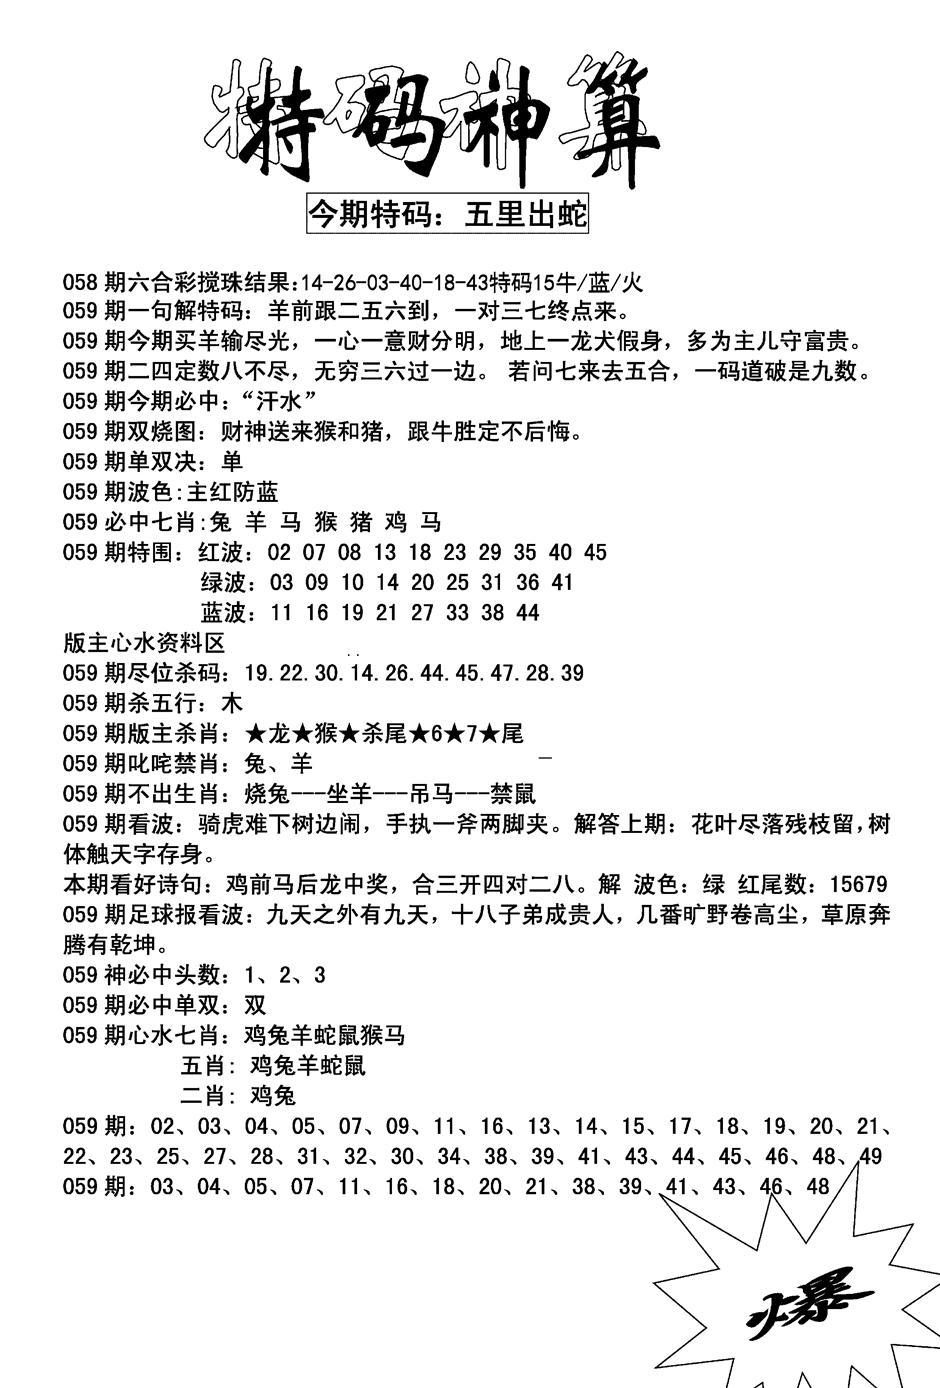 059期特码神算(黑白)